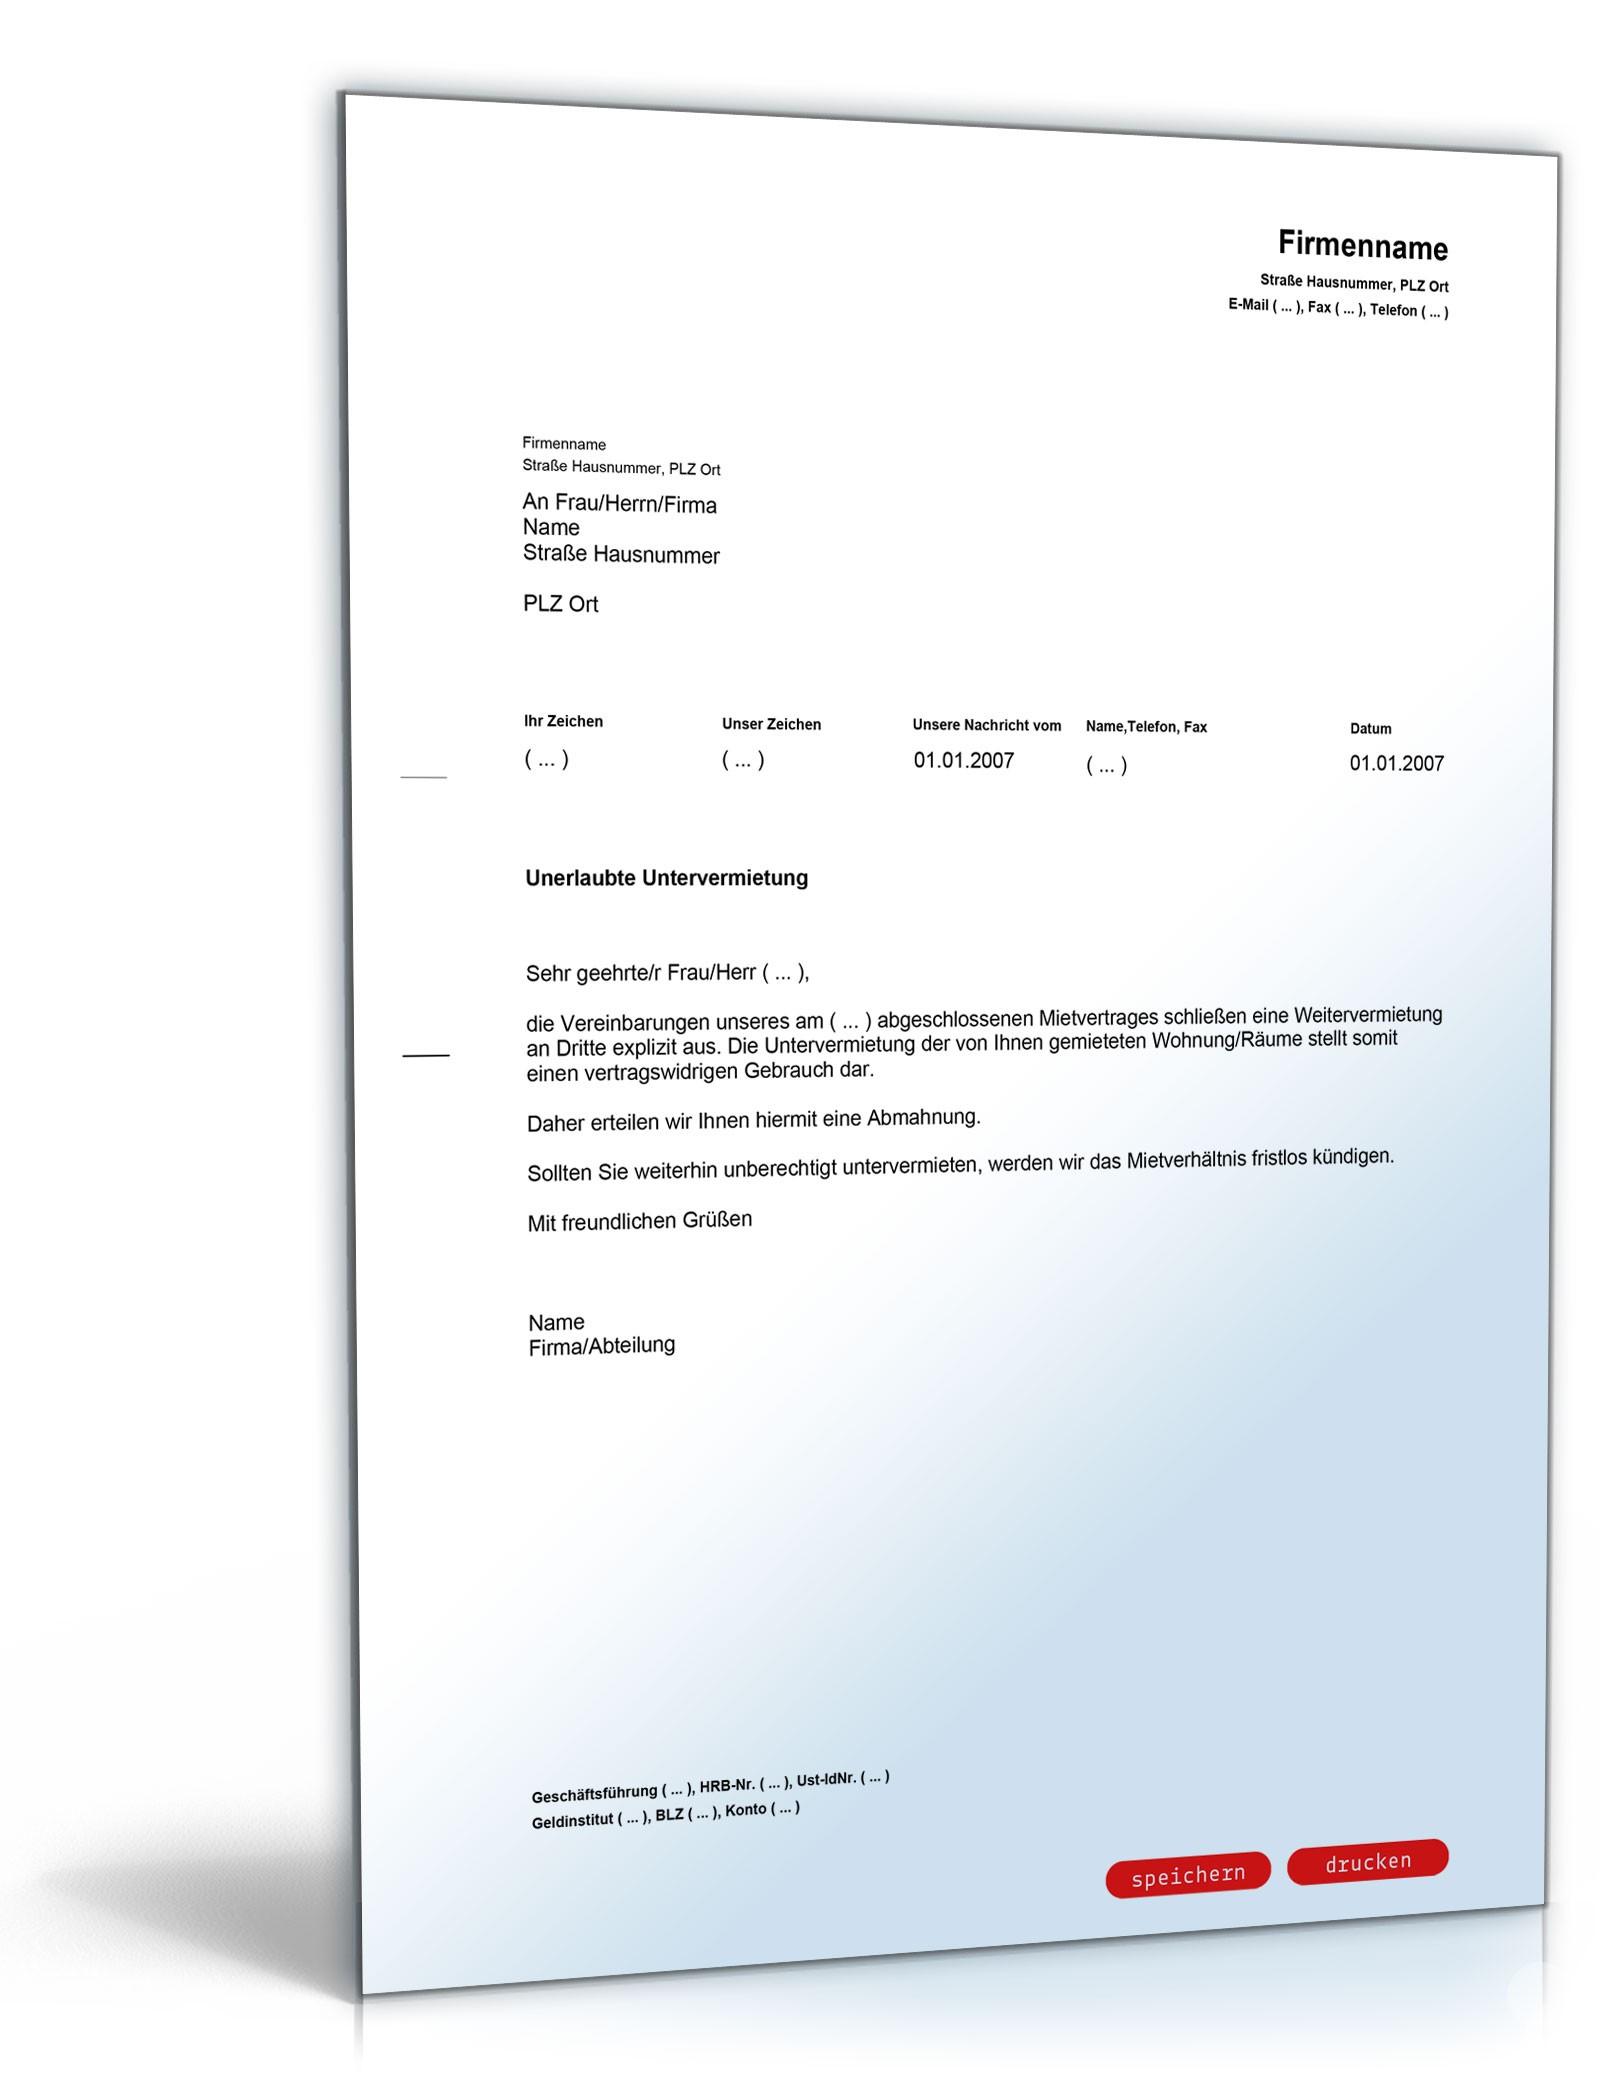 Abmahnung Unerlaubte Untervermietung Vorlage Zum Download